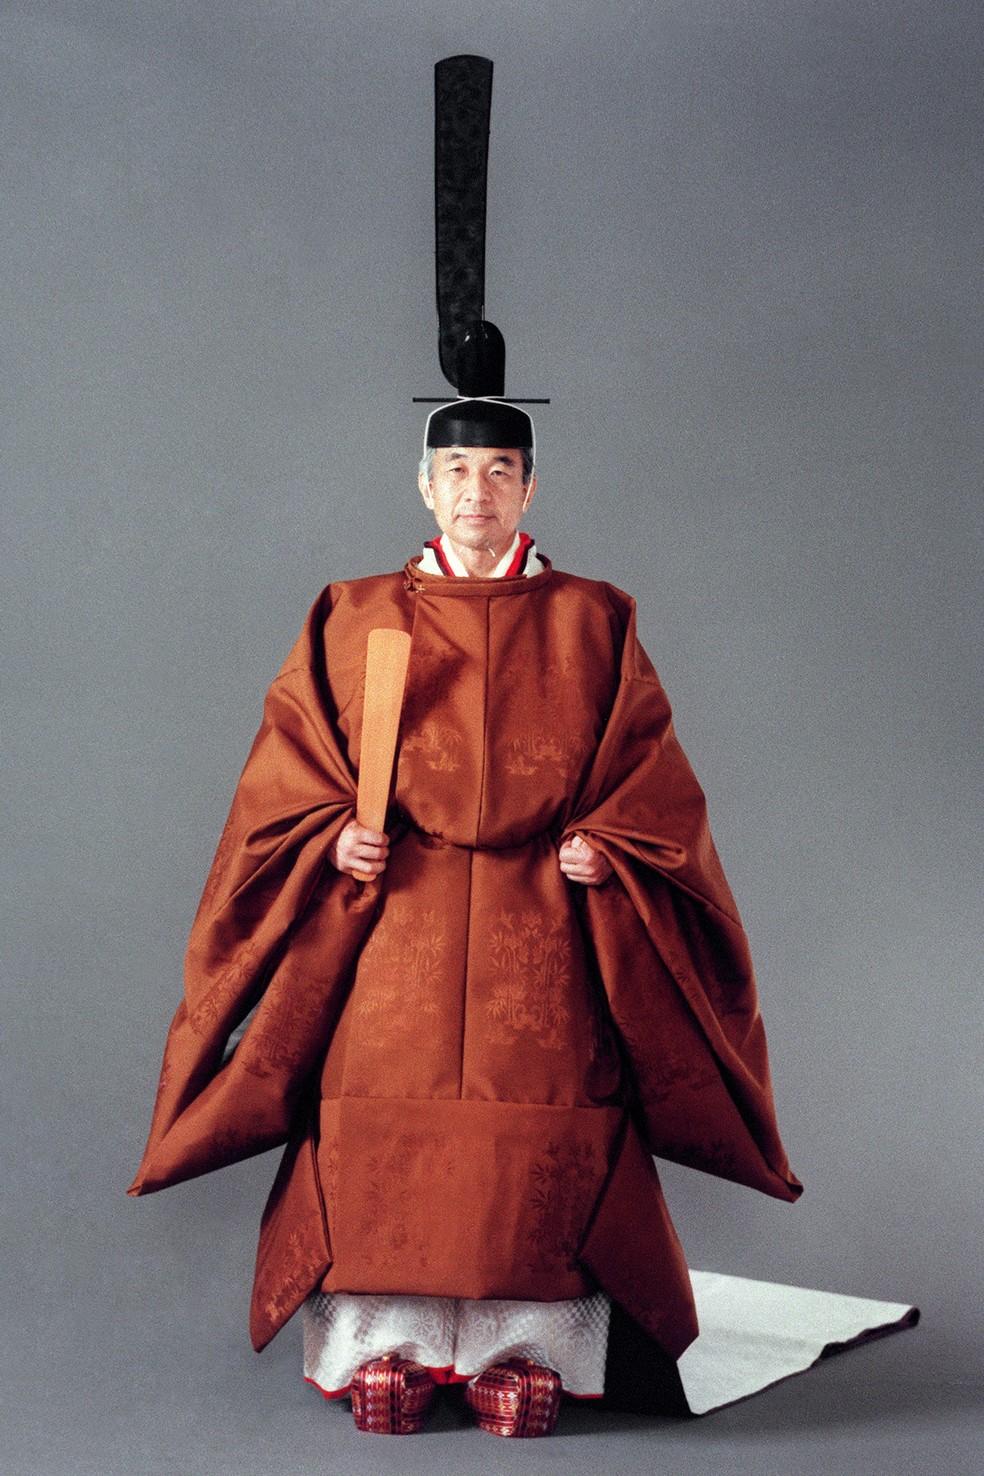 O imperador Akihito, com vestimenta cerimonial completa, antes de ser entronado em Tóquio. Ele reina desde 1989. — Foto: Handout / IMPERIAL HOUSEHOLD AGENCY / AFP